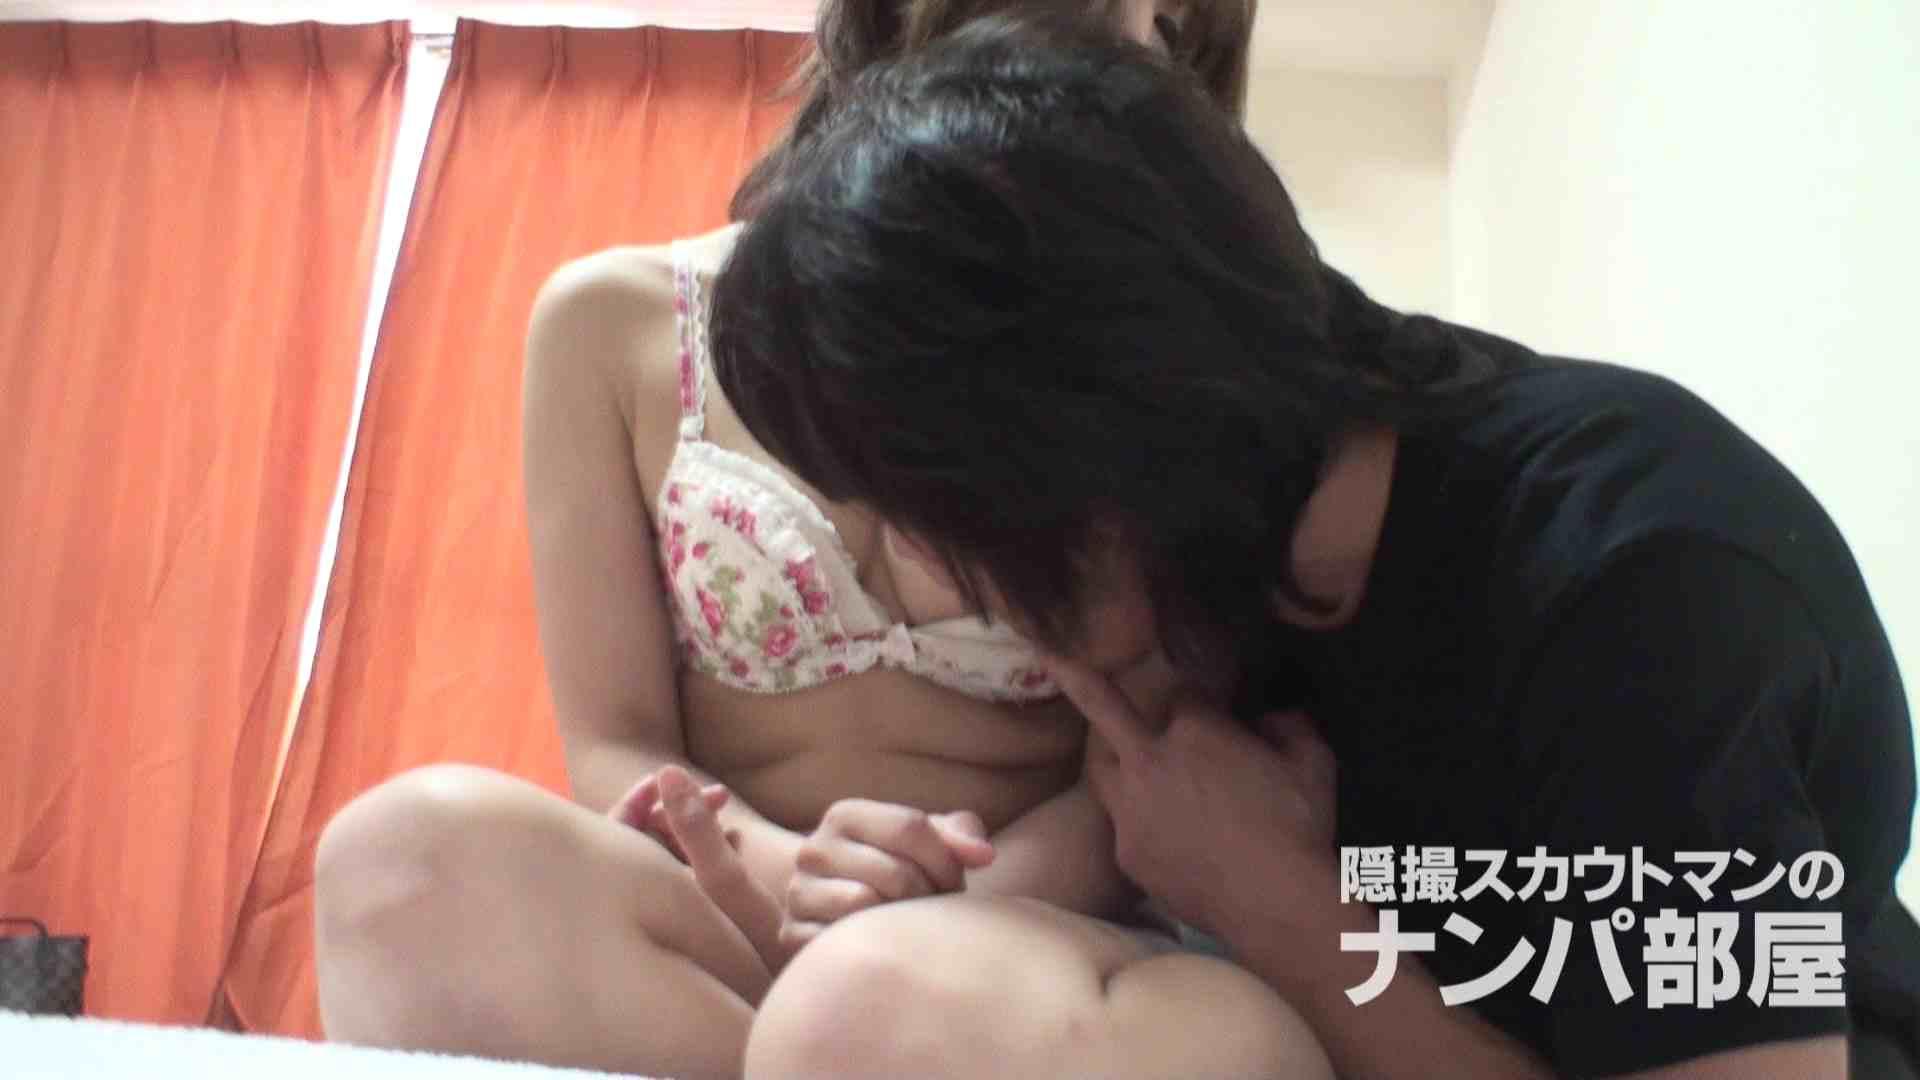 隠撮スカウトマンのナンパ部屋~風俗デビュー前のつまみ食い~ siivol.2 脱衣所  81PIX 57